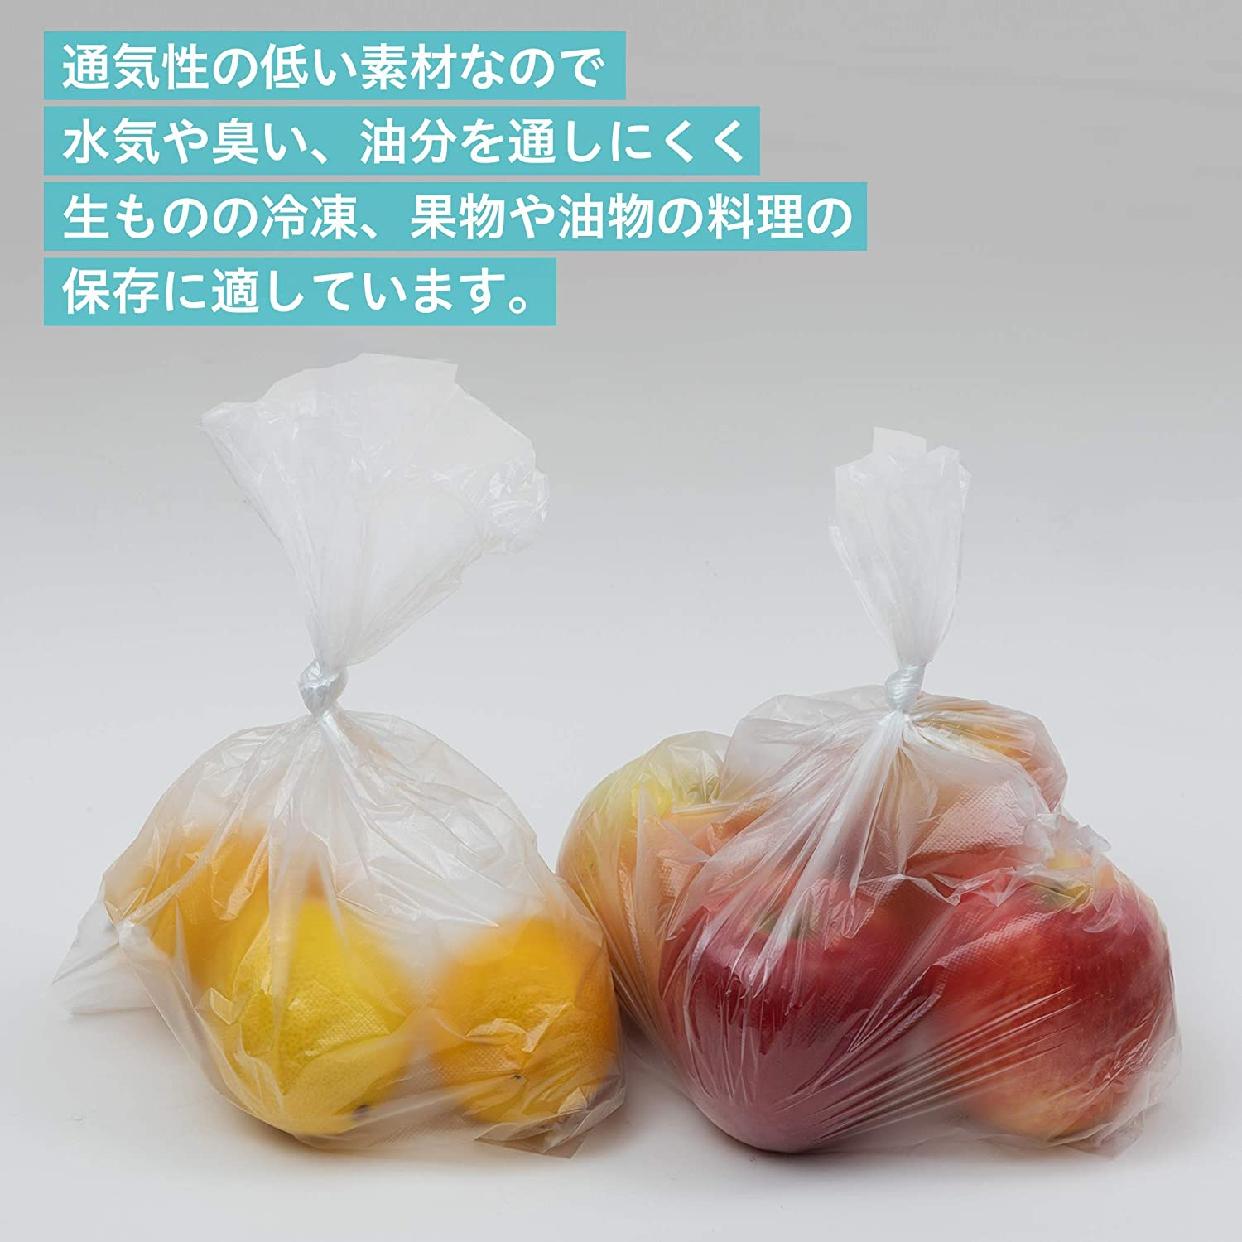 CHEMICAL JAPAN(ケミカルジャパン) とくとくフリーザー用 食品袋 CT-14の商品画像4